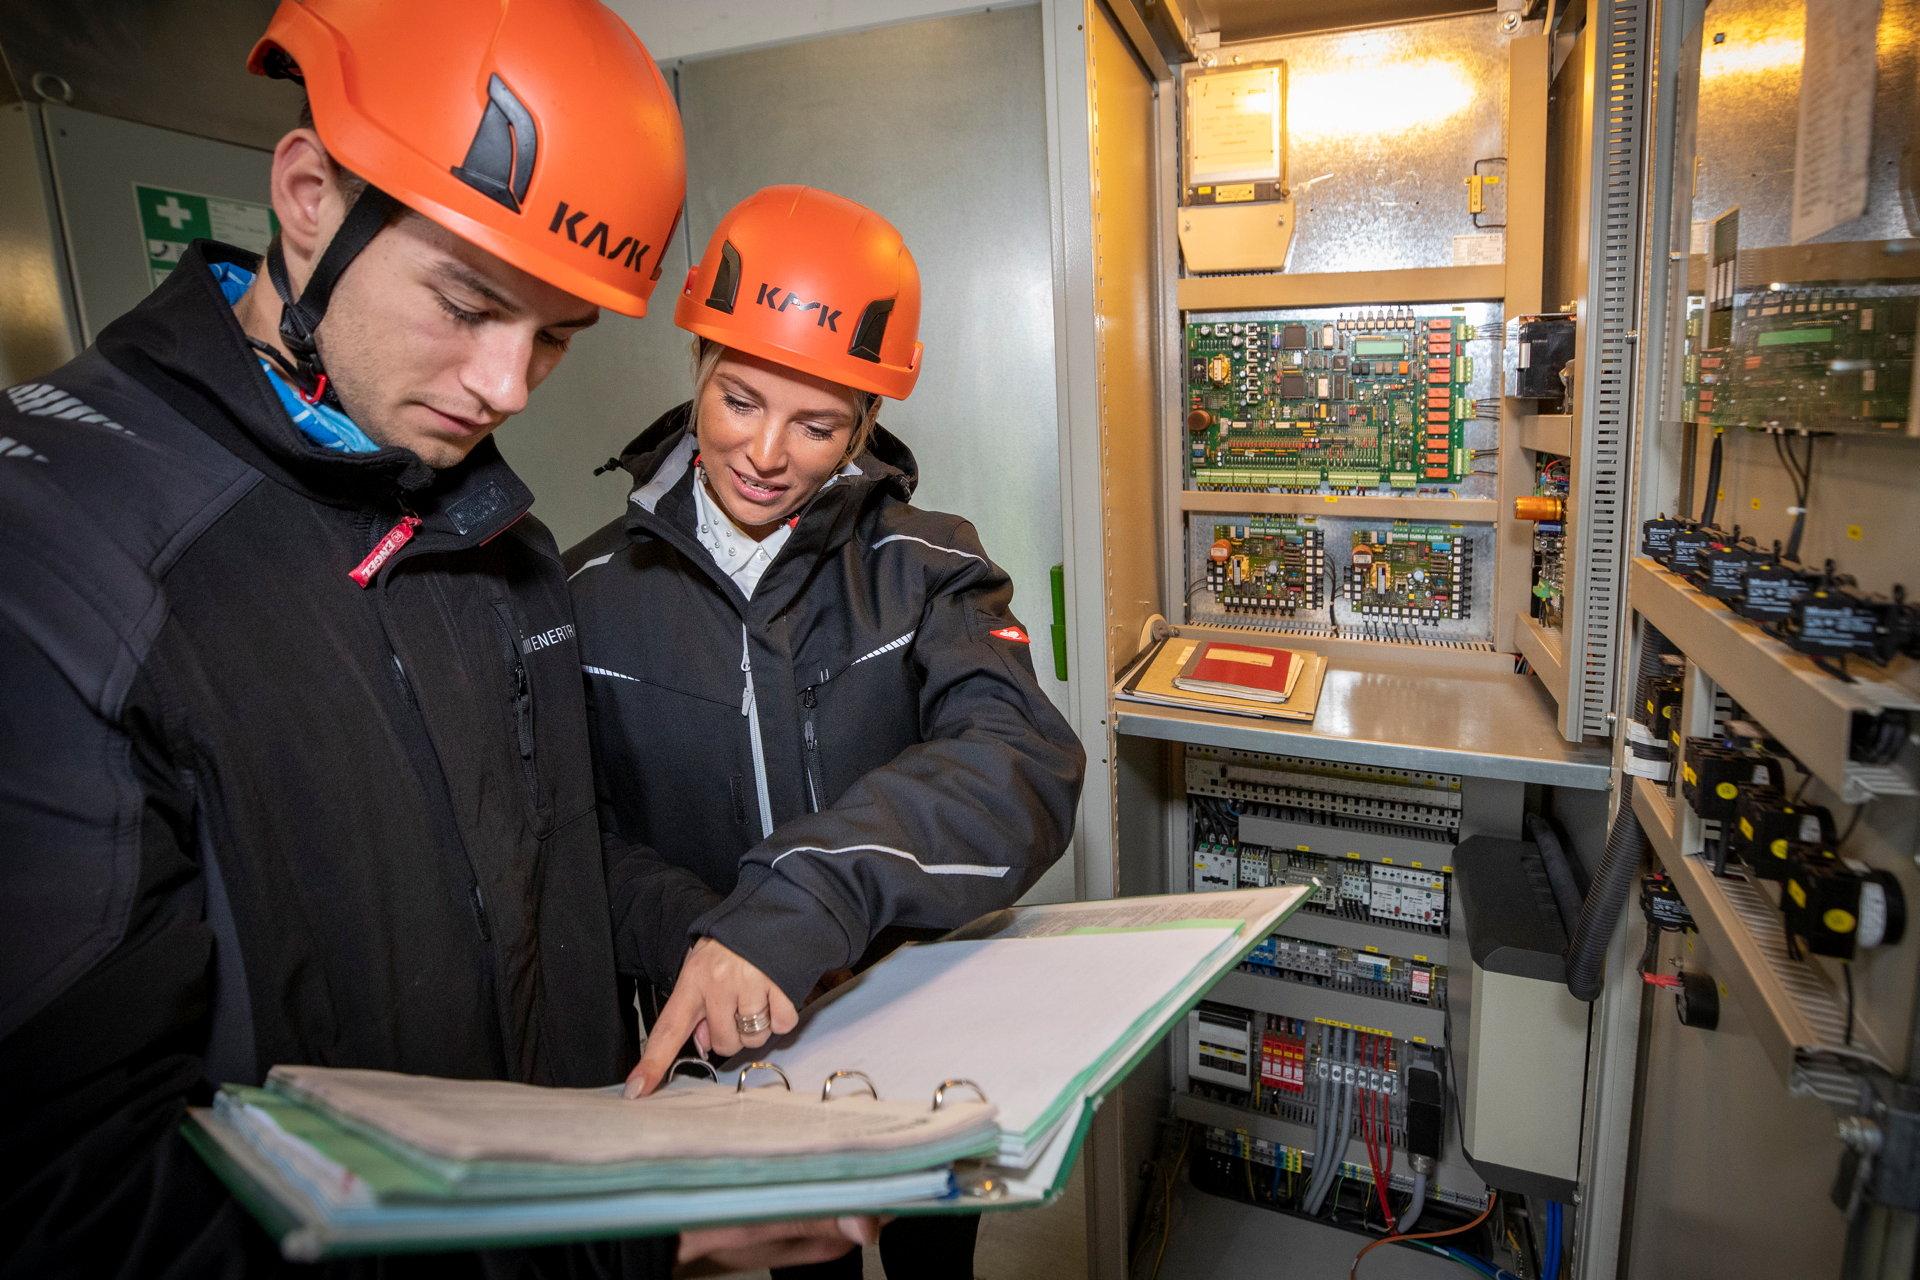 Zwei junge Monteure schauen in einen Ordner vor Schaltschrank in Windkraftanlage.